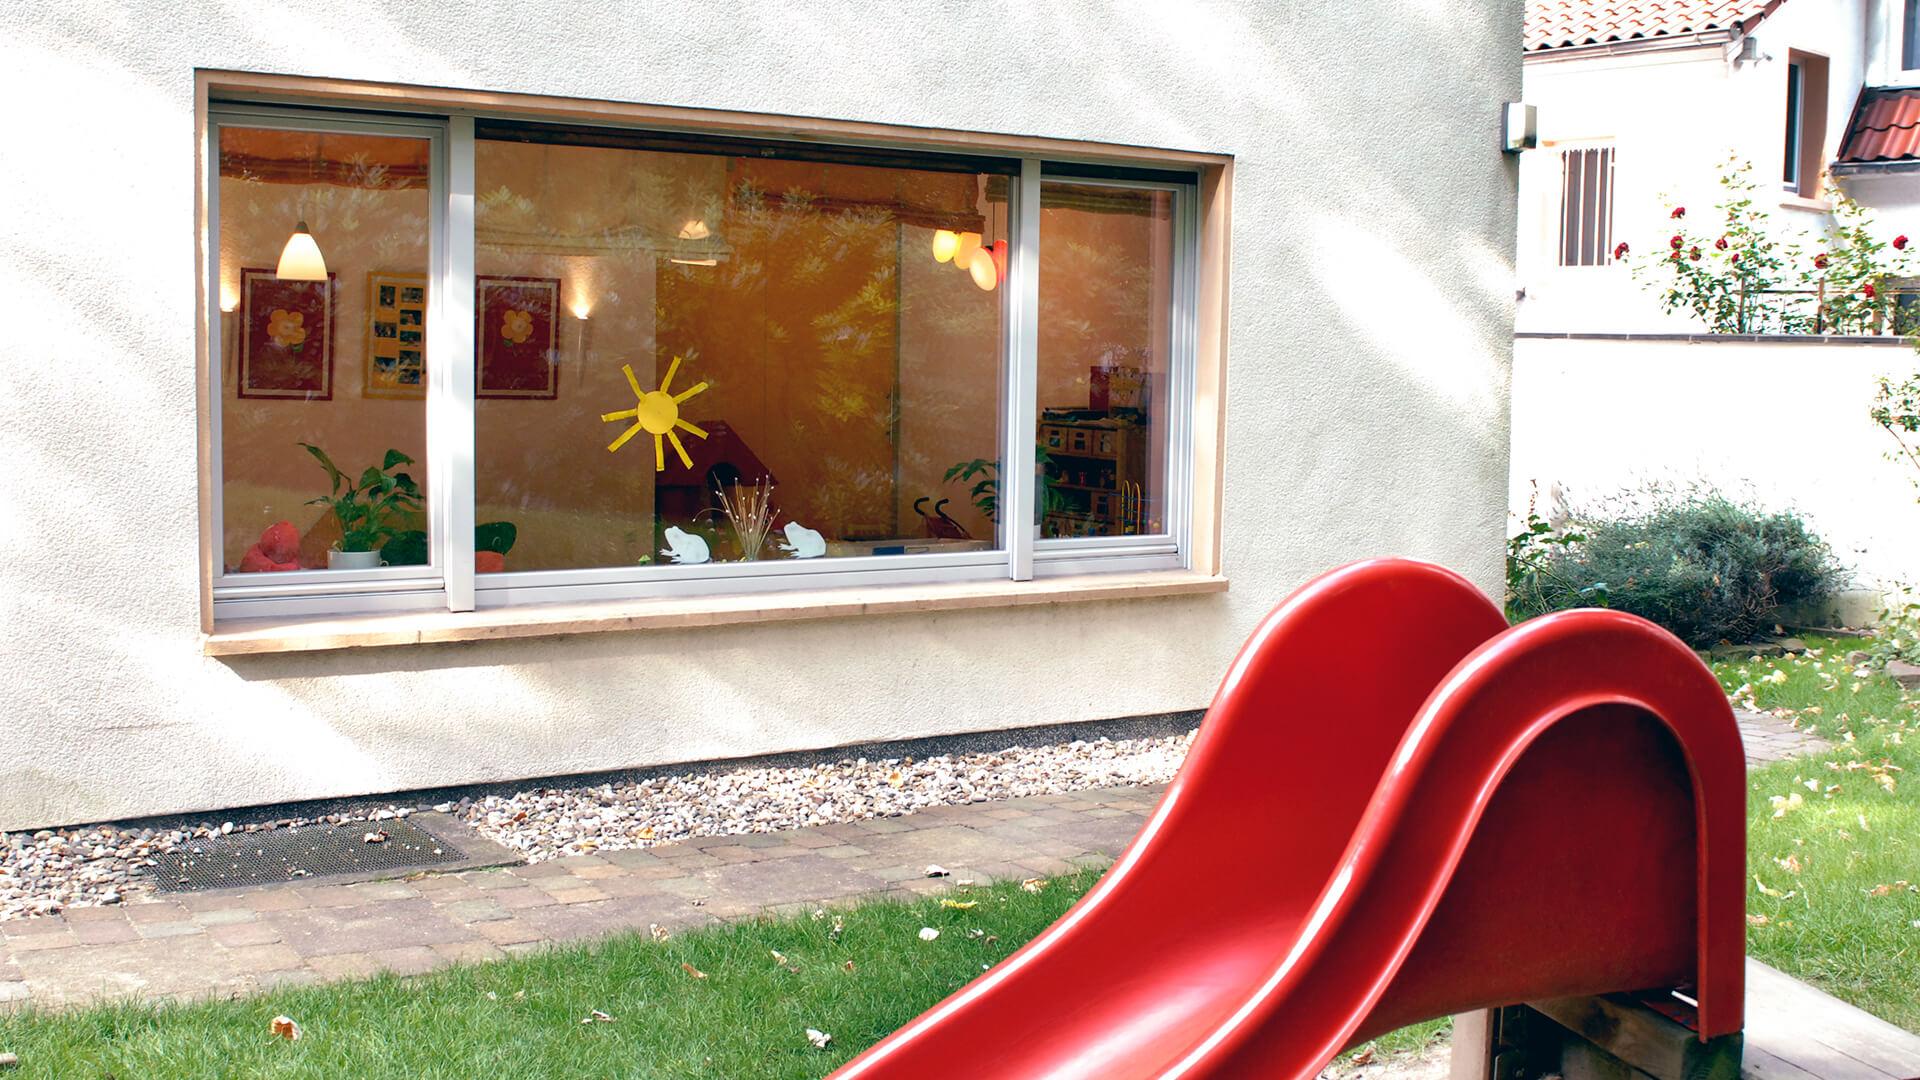 Außenanlage mit Rutsche und Blumen